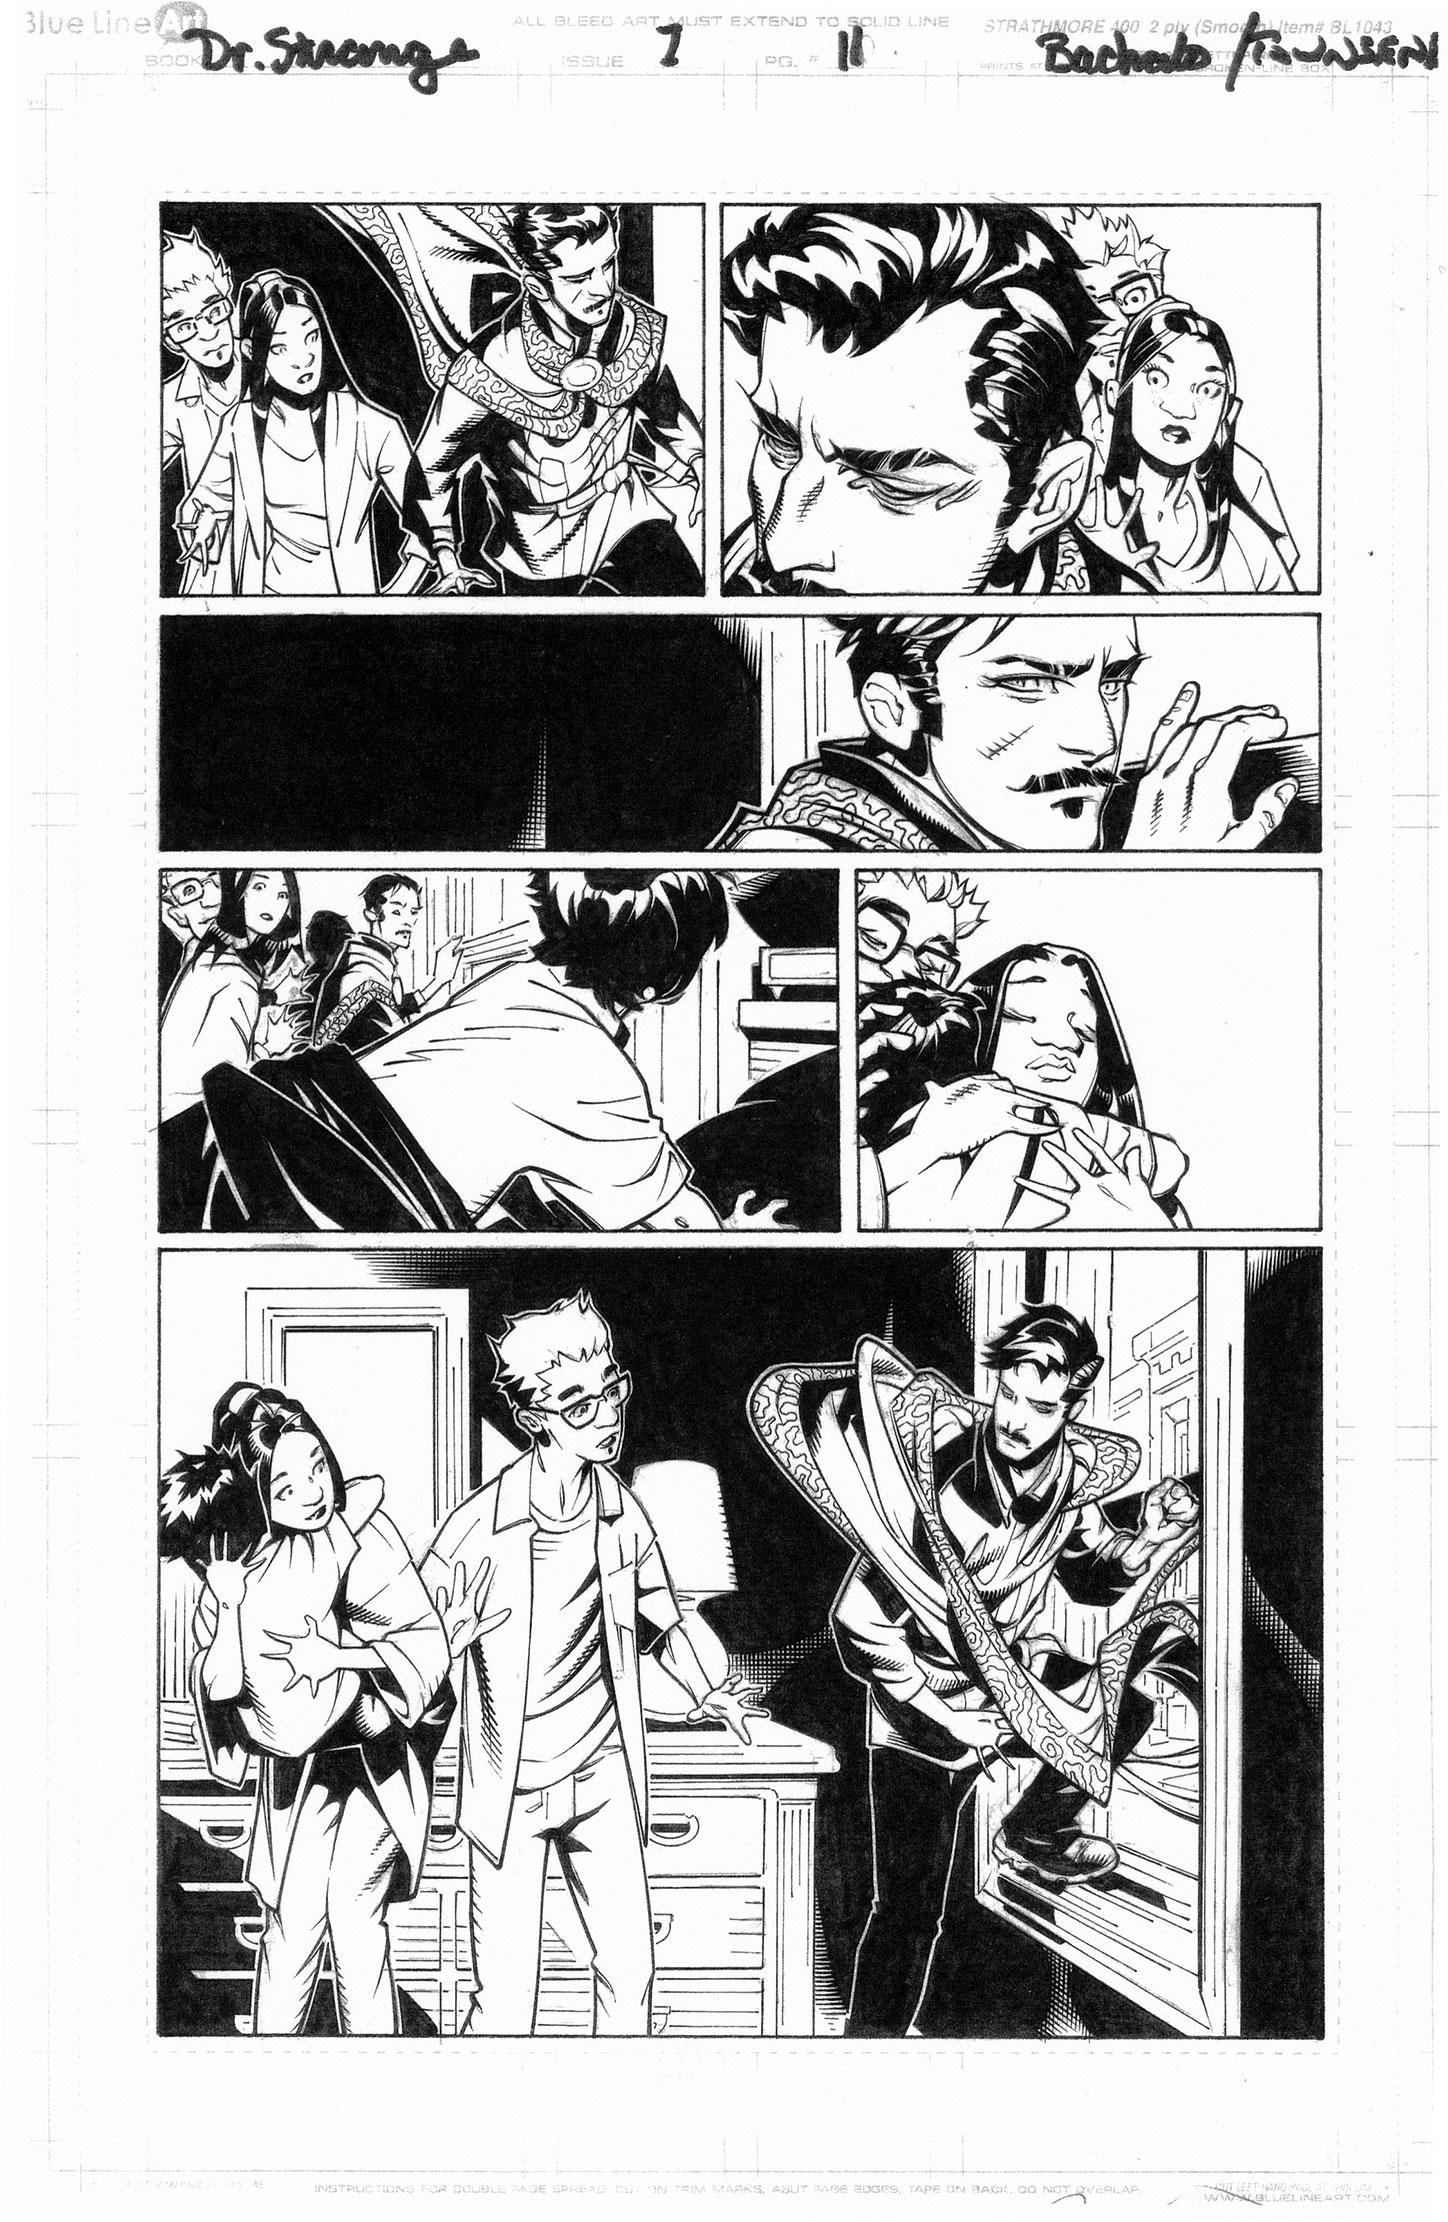 CHRIS BACHALO 2015 DR. STRANGE #1 P.11 Comic Art